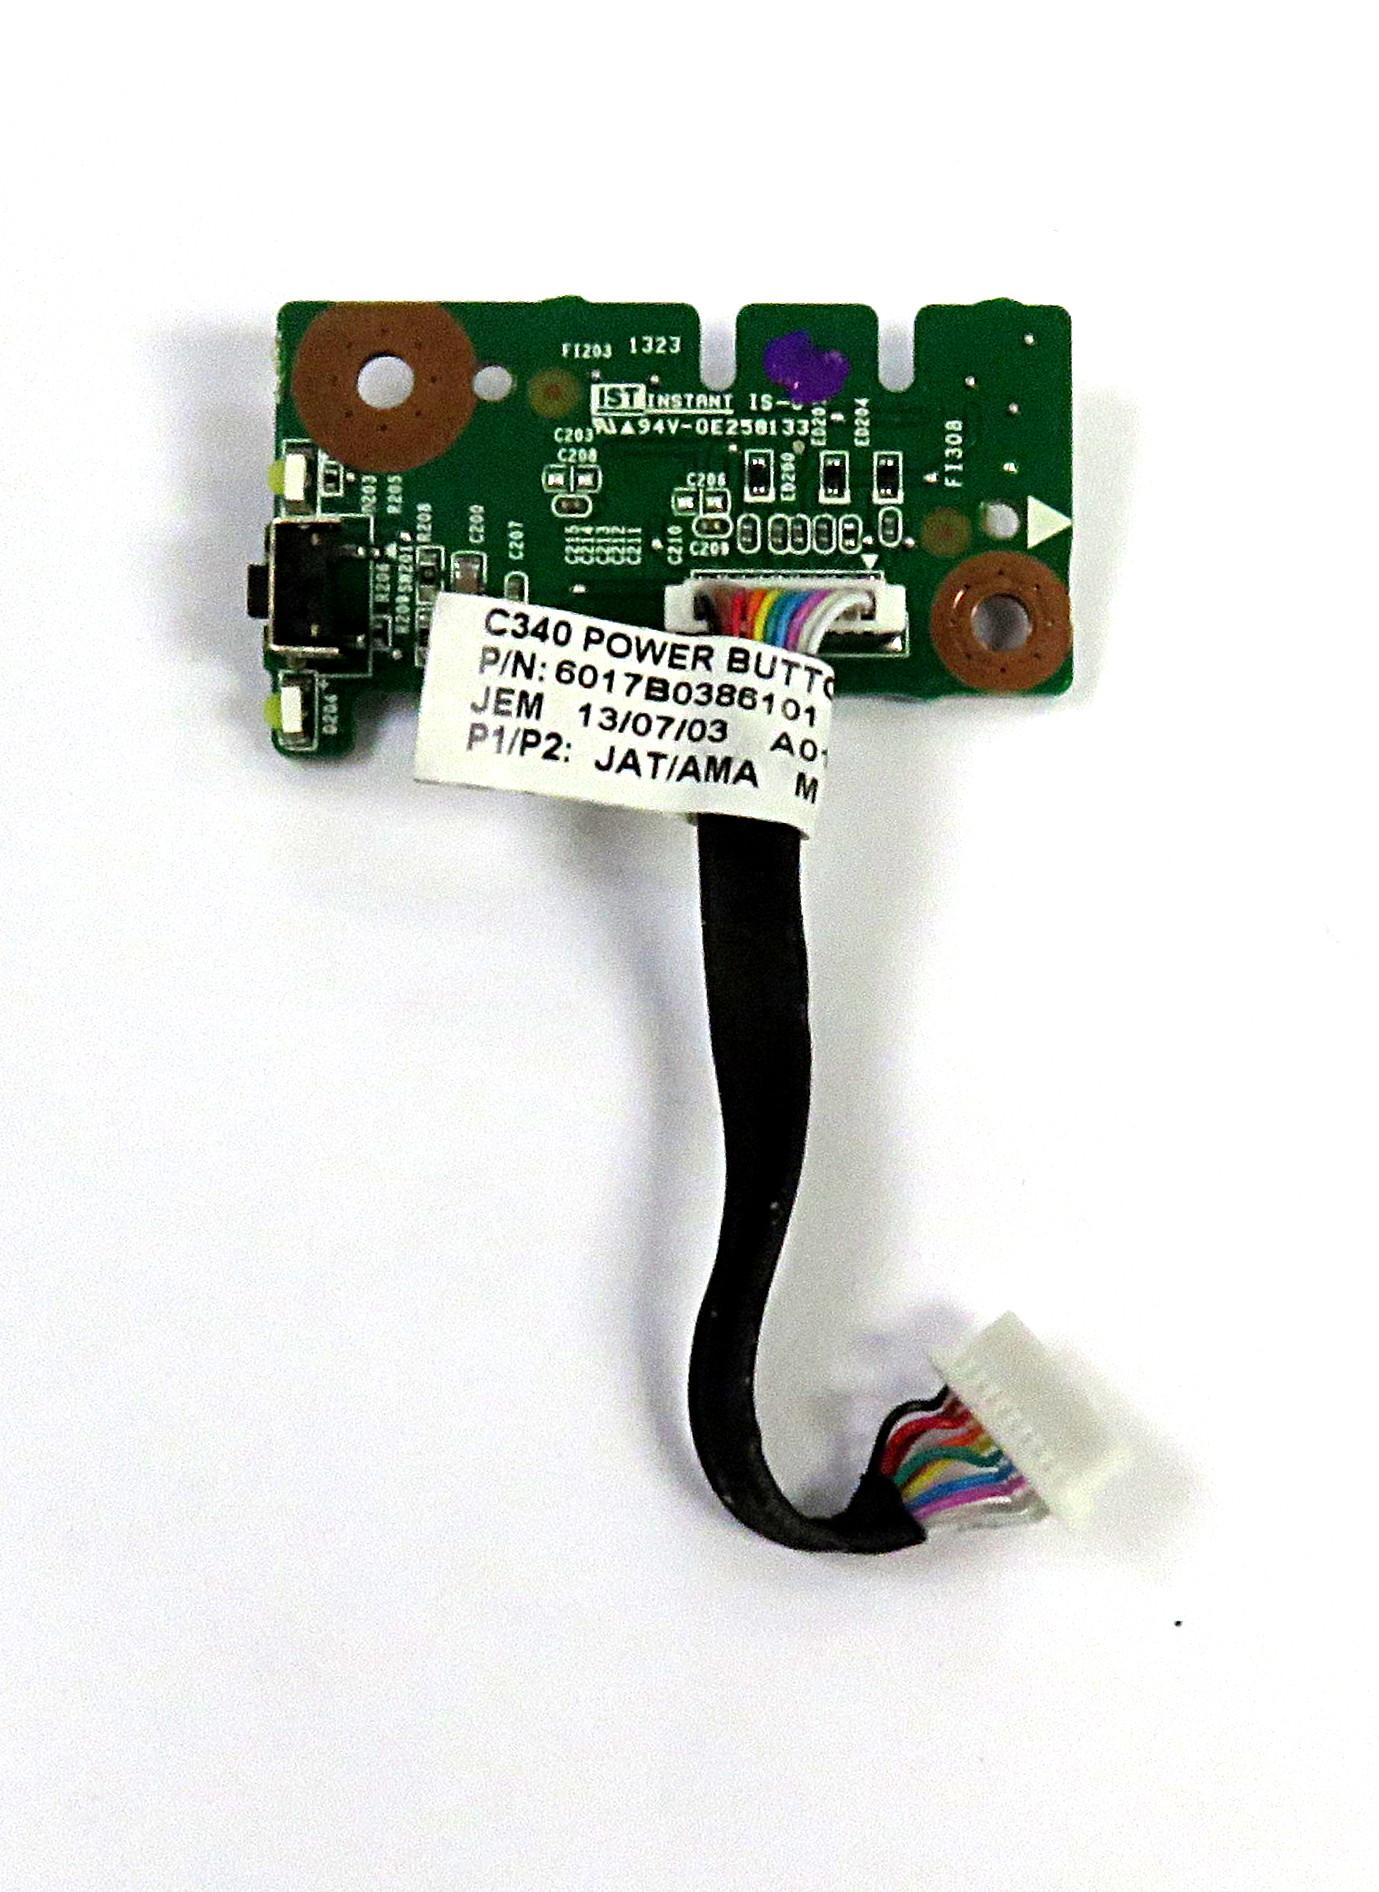 Lenovo 1310A2567501 Power Button + Cable f/ C440 AiO PC